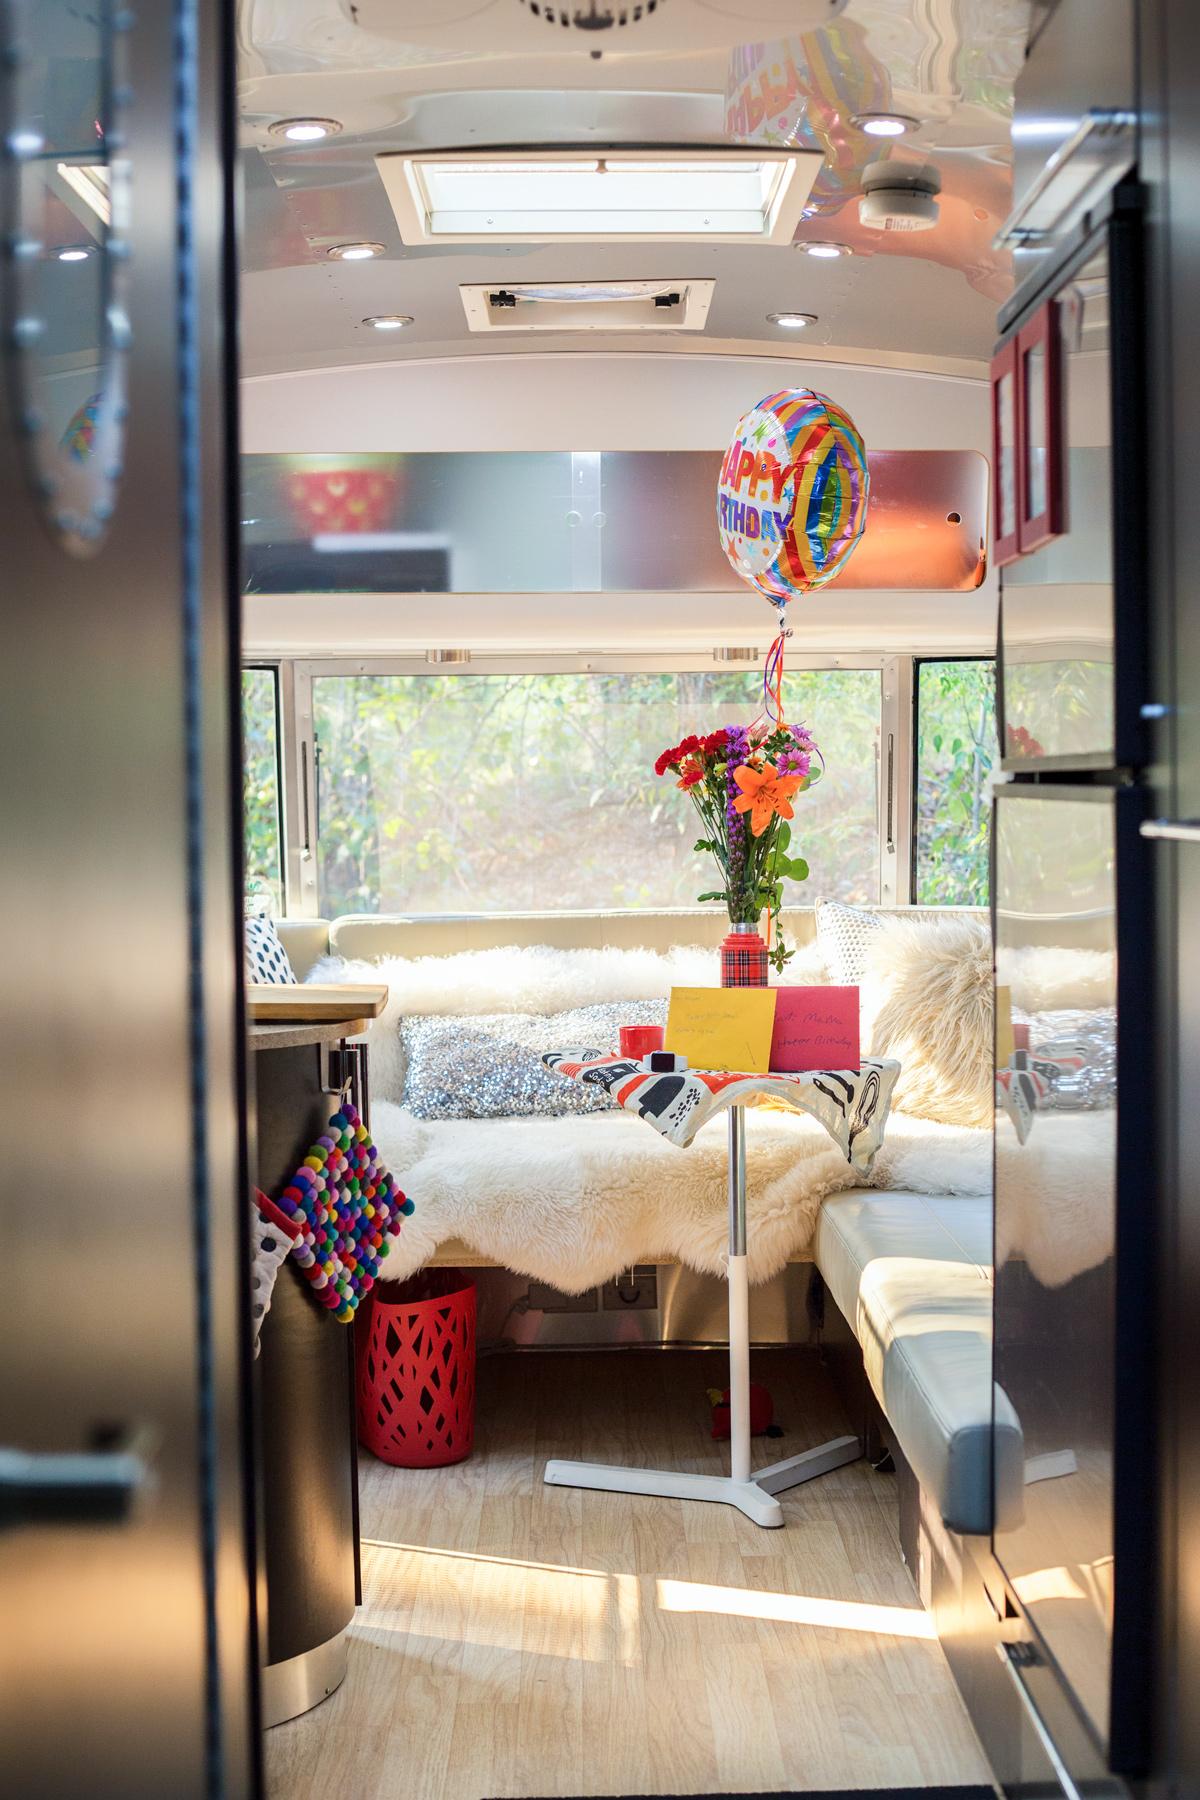 Airstream Trailer Birthday Celebrations via J5MM.com